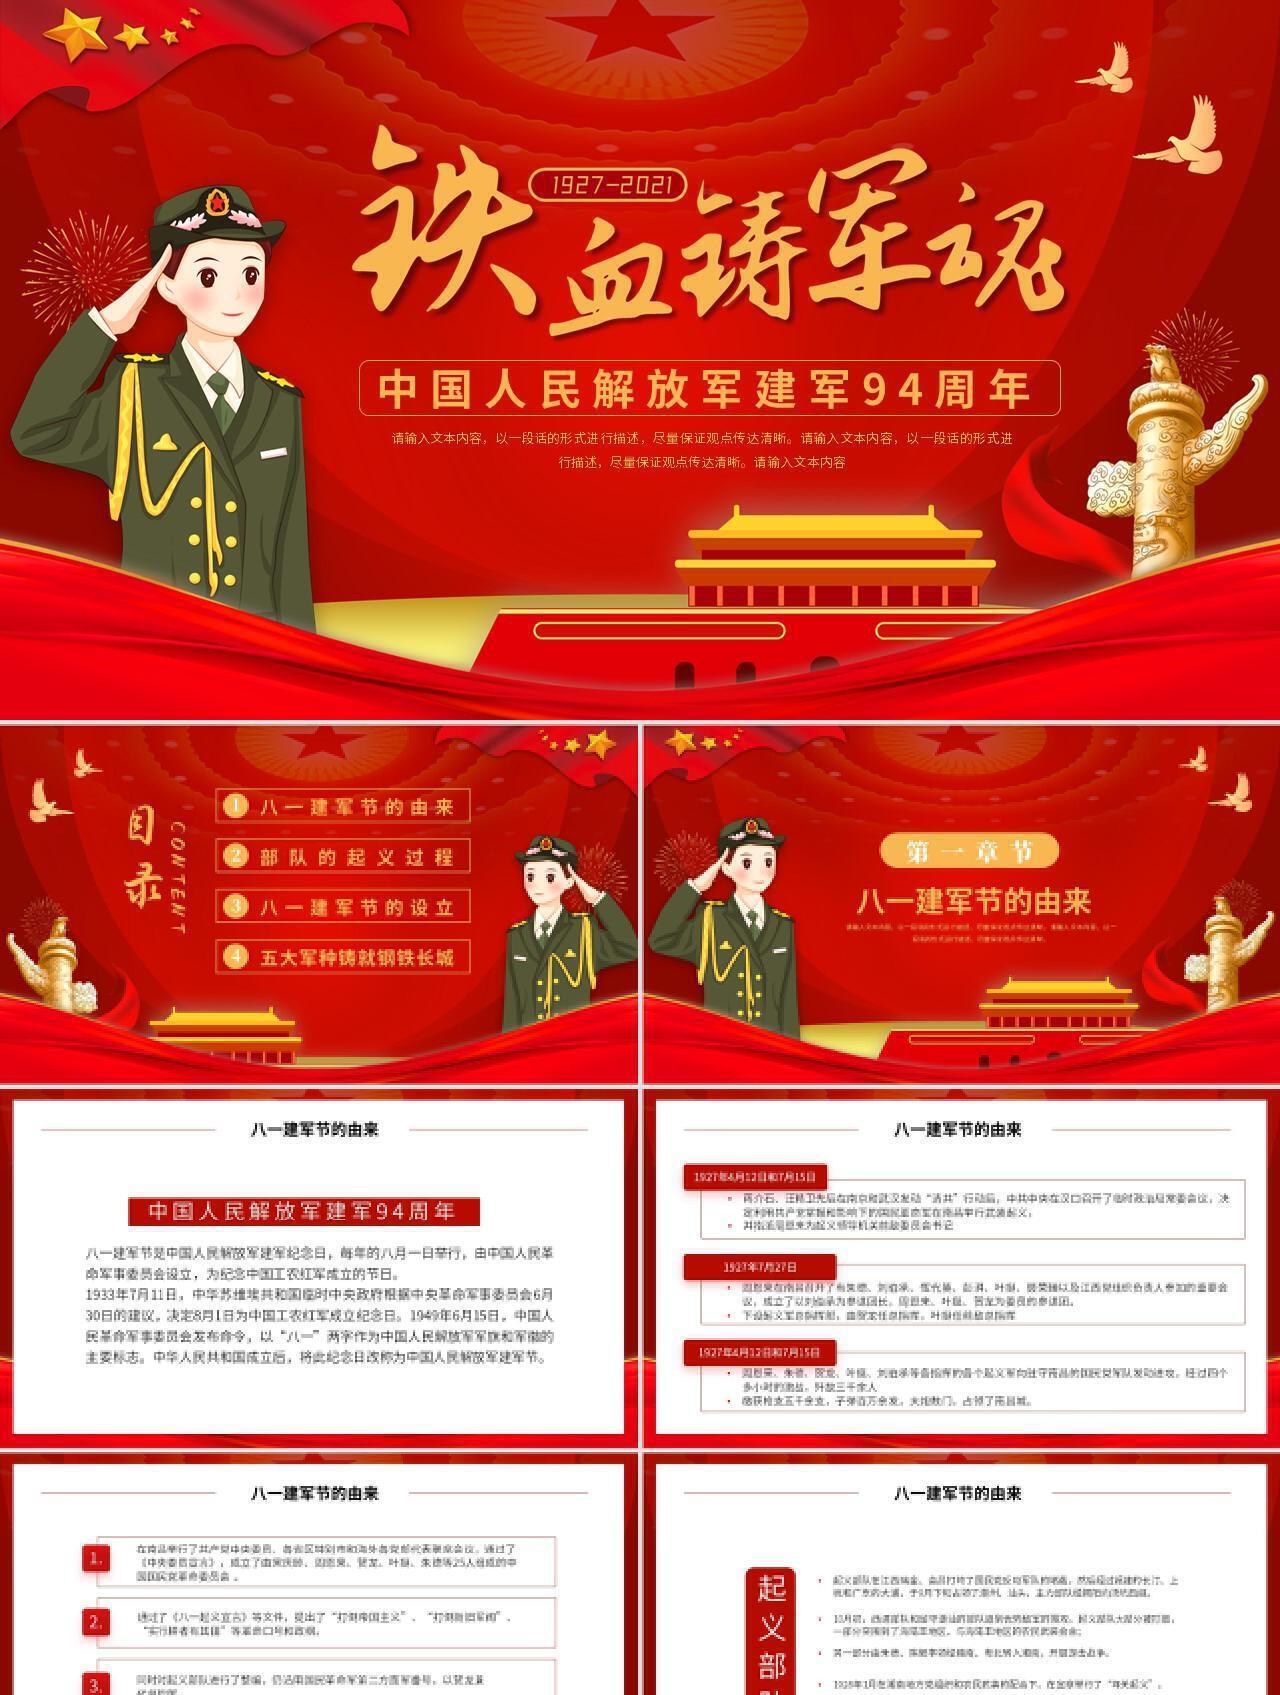 红色插画风庆祝中国人民解放军建军94周年PPT模板